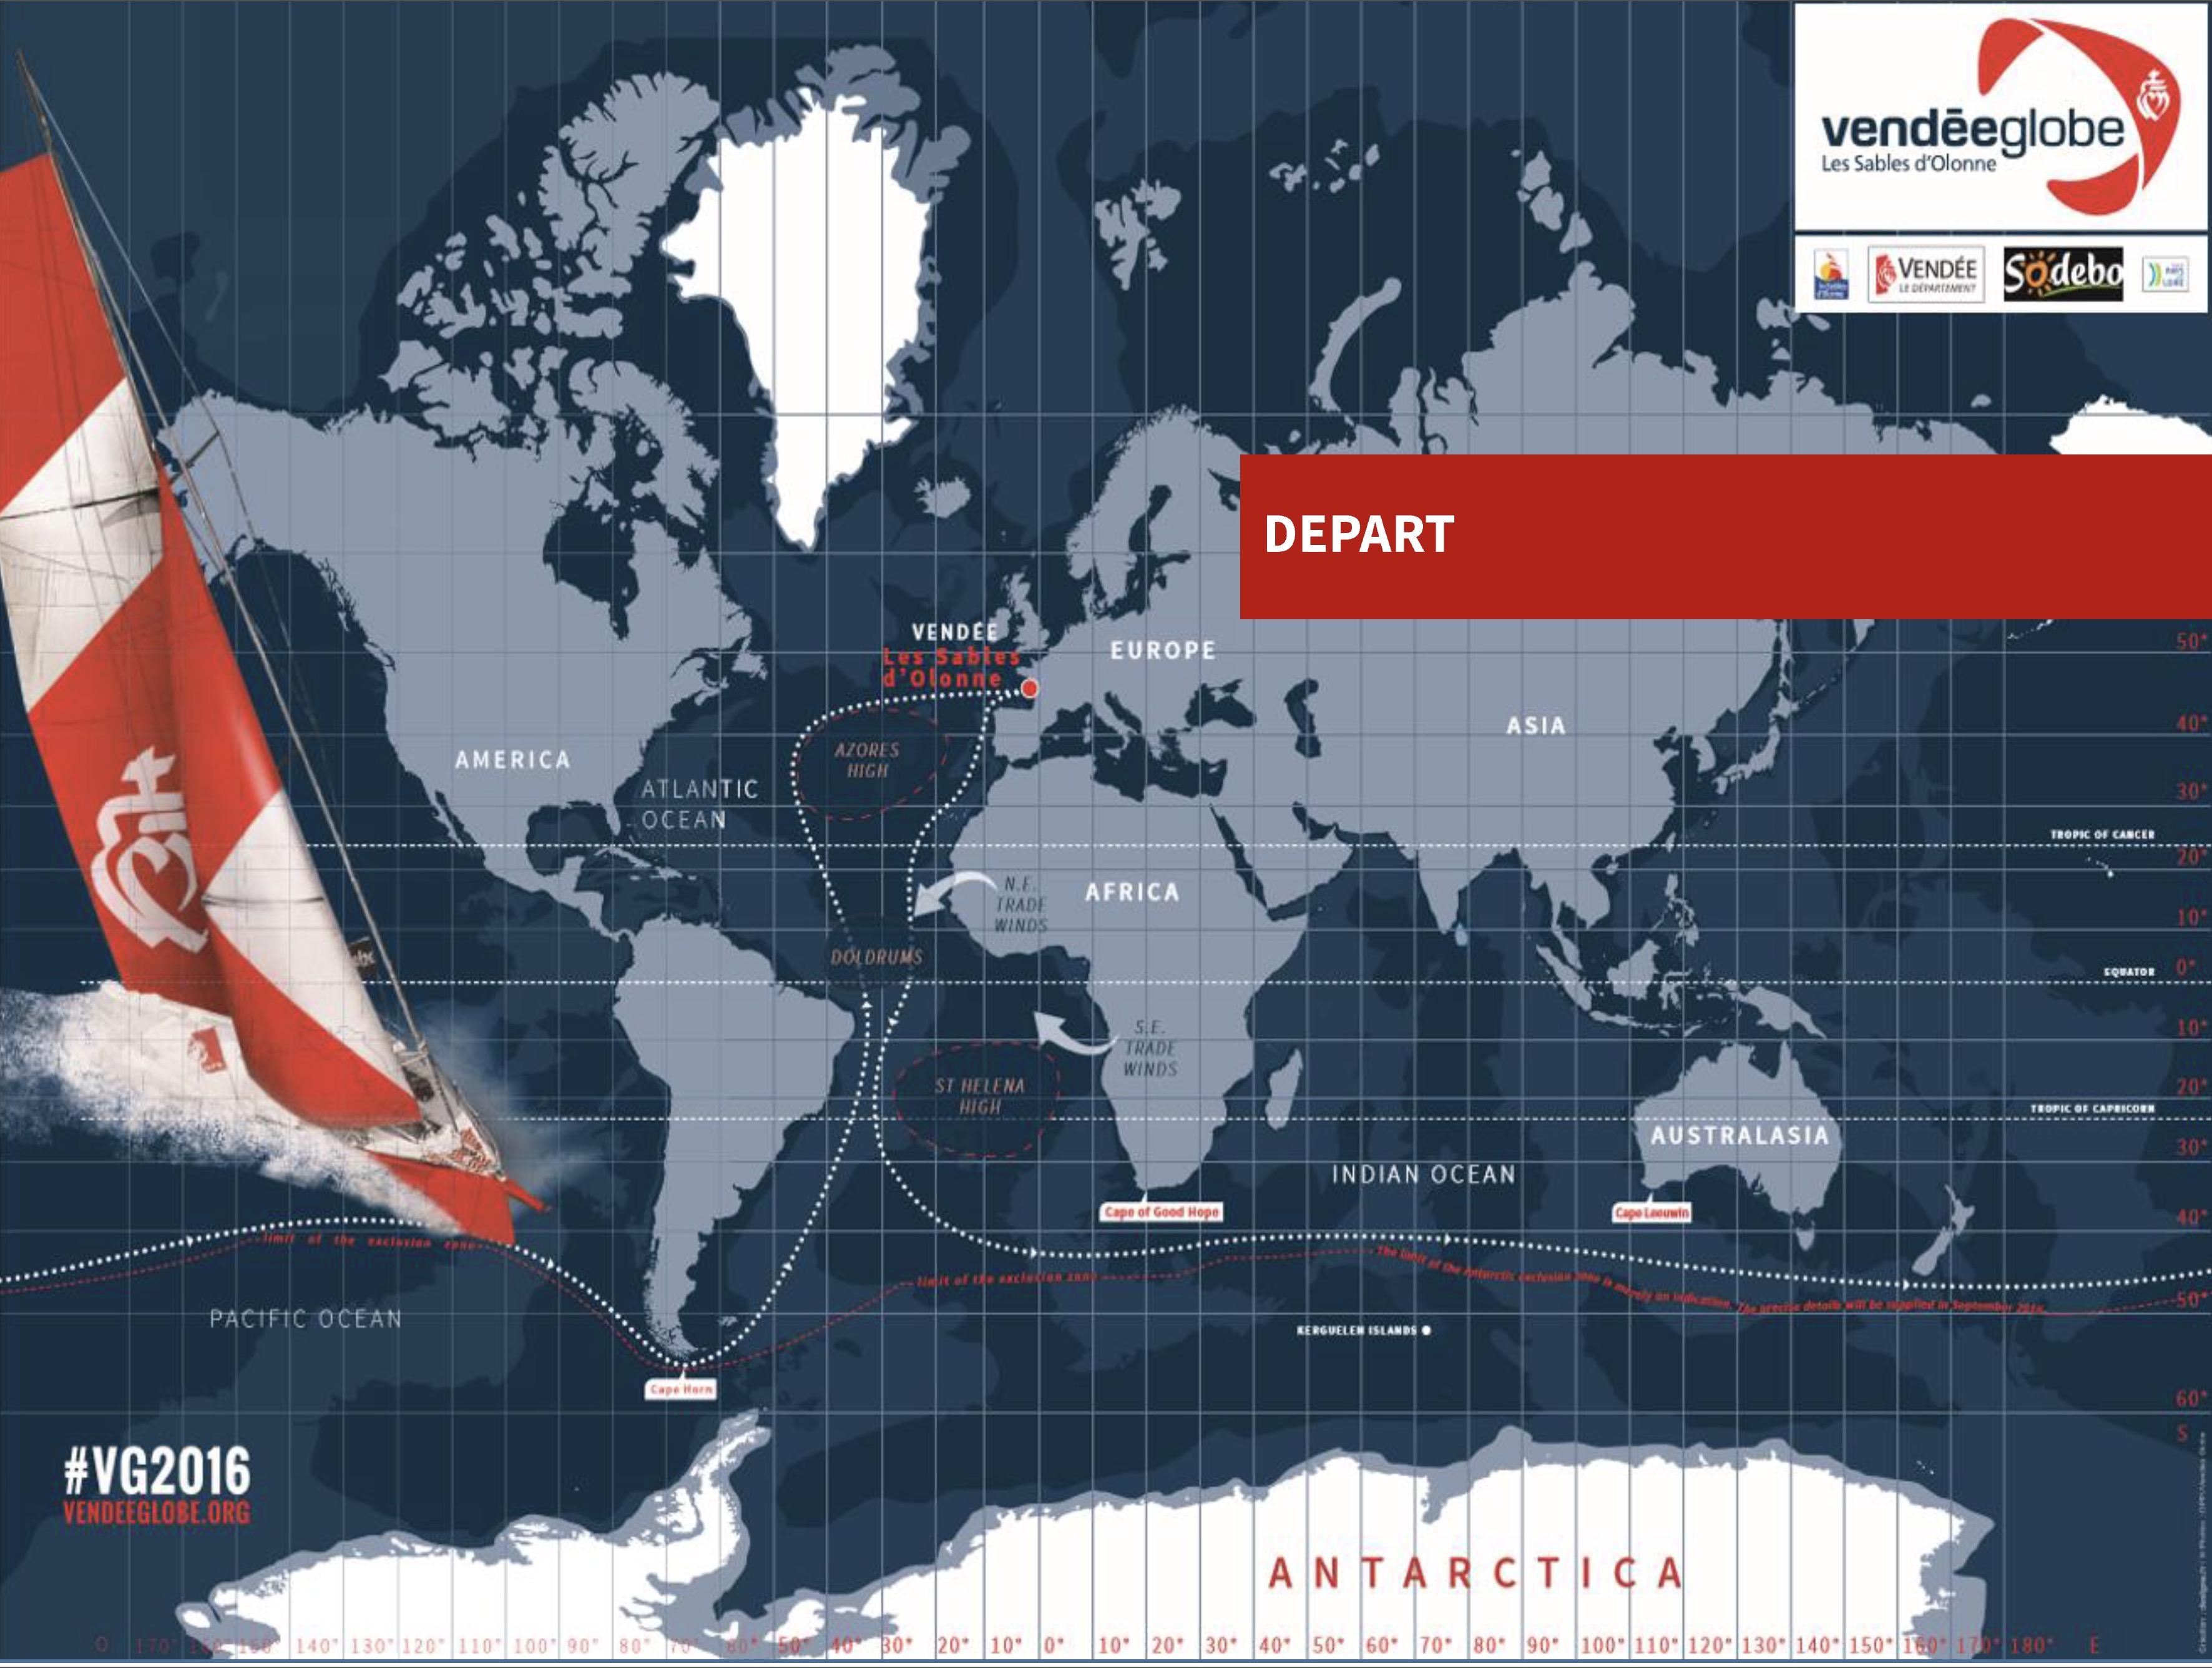 Decouvrez La Carte De La Course Du Vendee Globe Le Reporter Sablais